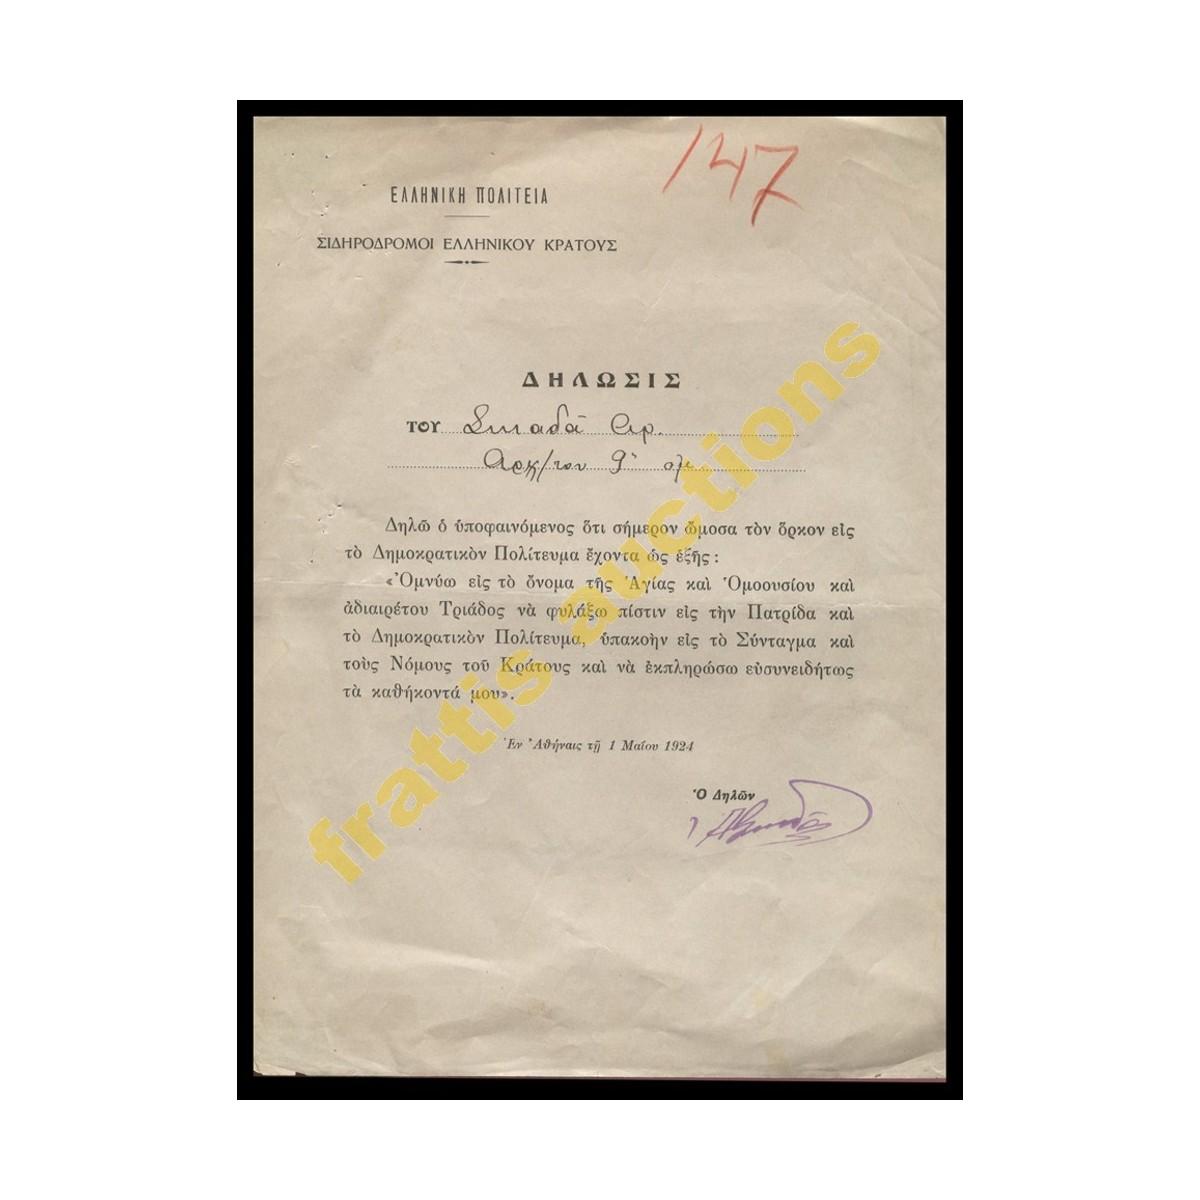 Σιδηρόδρομοι Ελληνικού Κράτους, Δήλωσις Όρκου, 1924